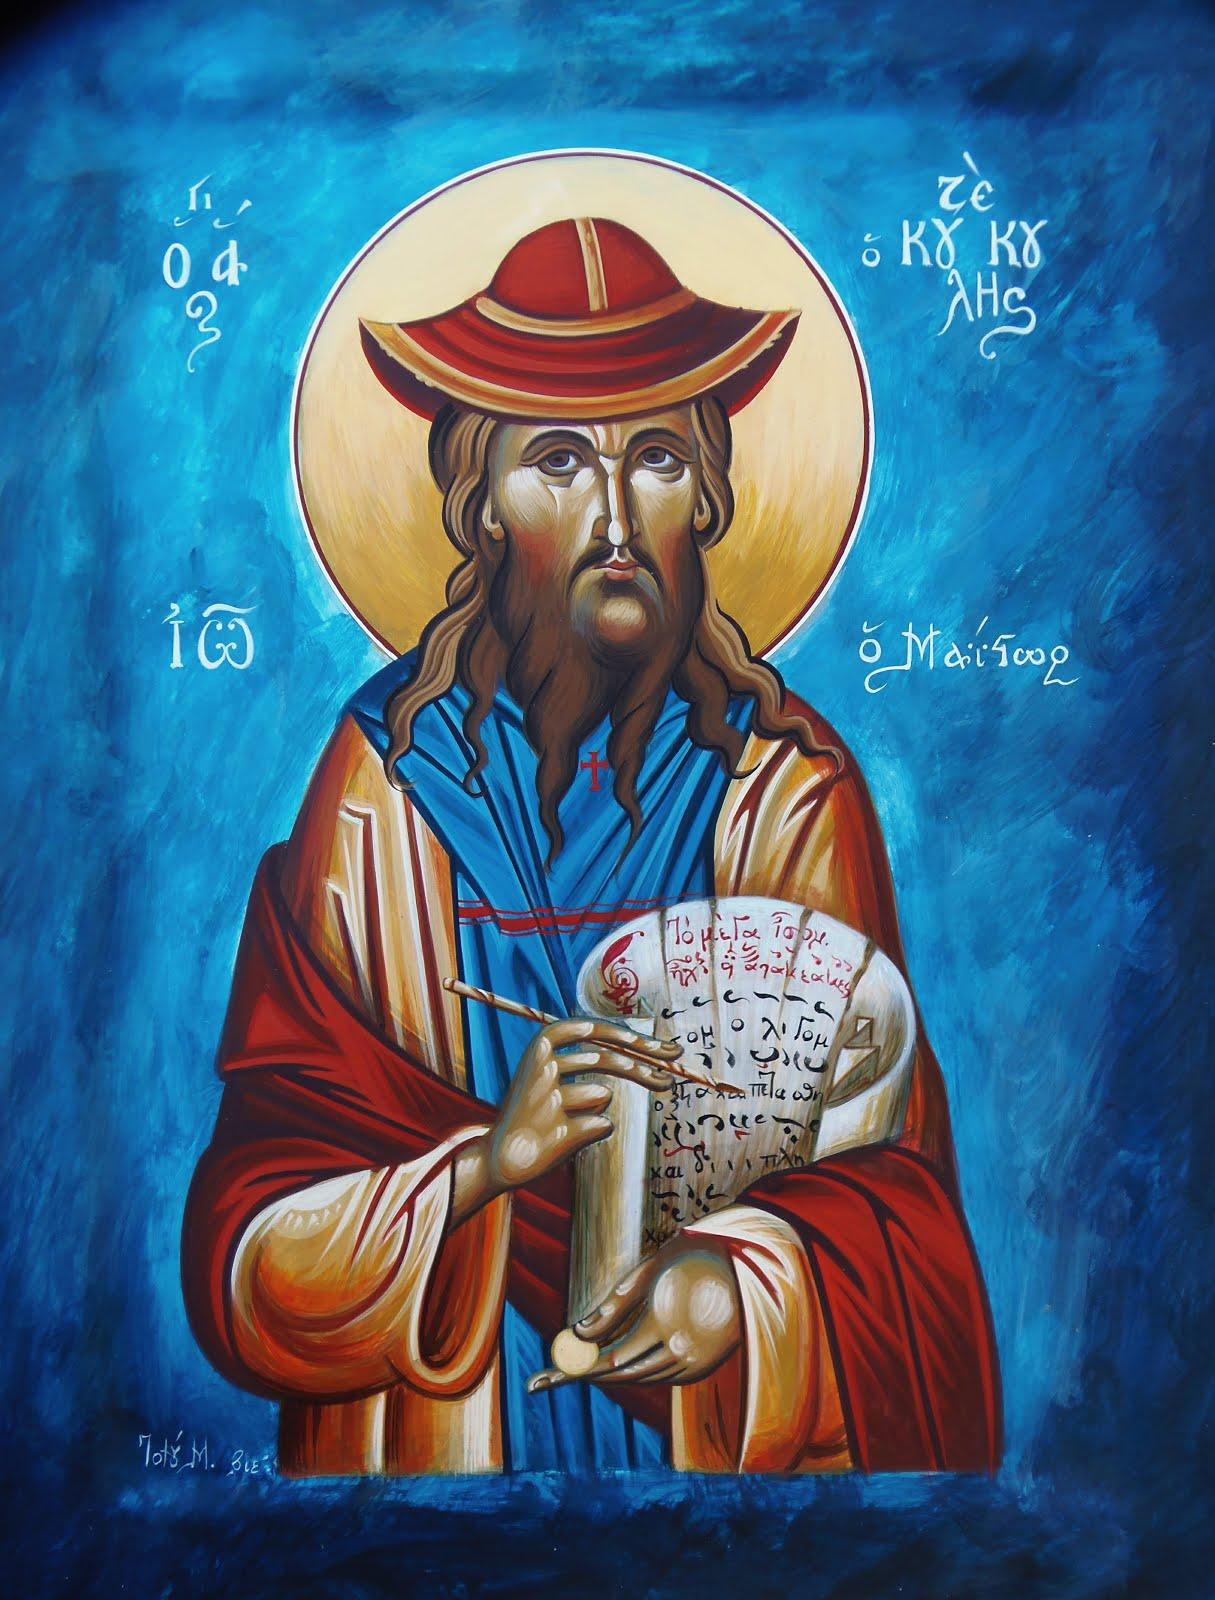 Άγιος Ιωάννης ο Κουκουζέλης! (1270 περίπου - α' ήμ. ιδ' αιών.)